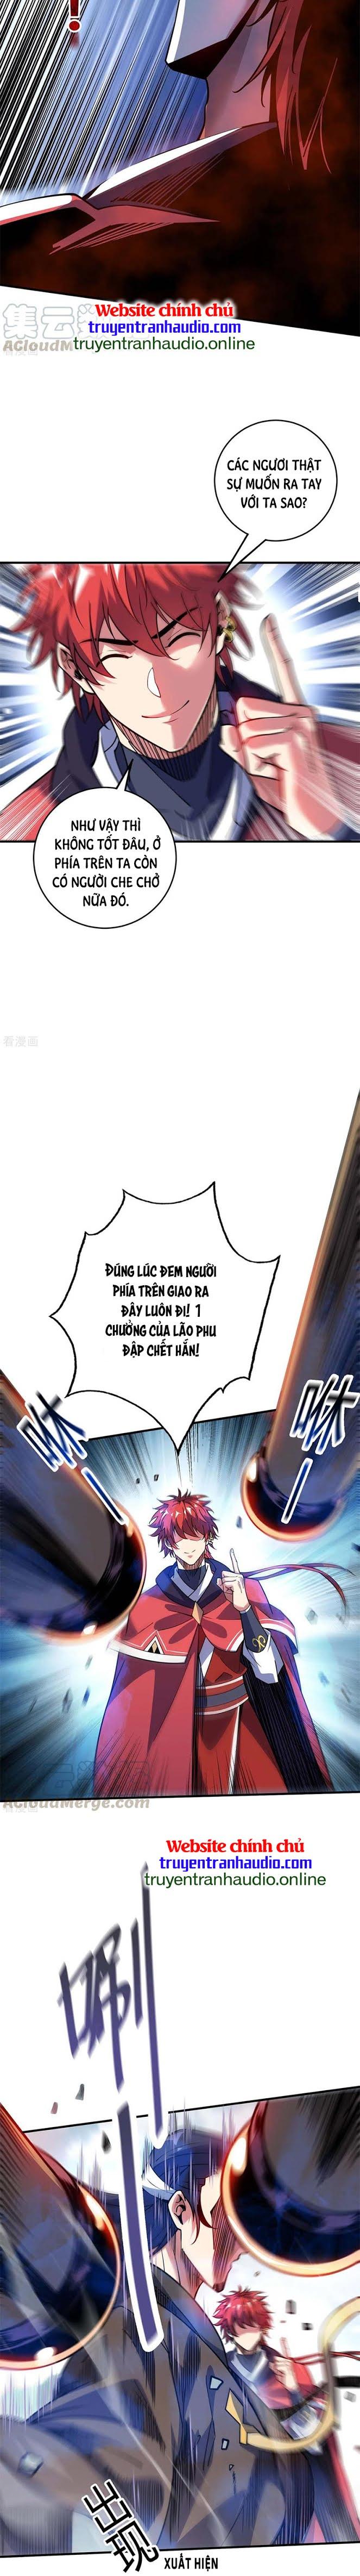 Vạn Cổ Đệ Nhất Tế Chương 109 - Truyentranhaudio.online